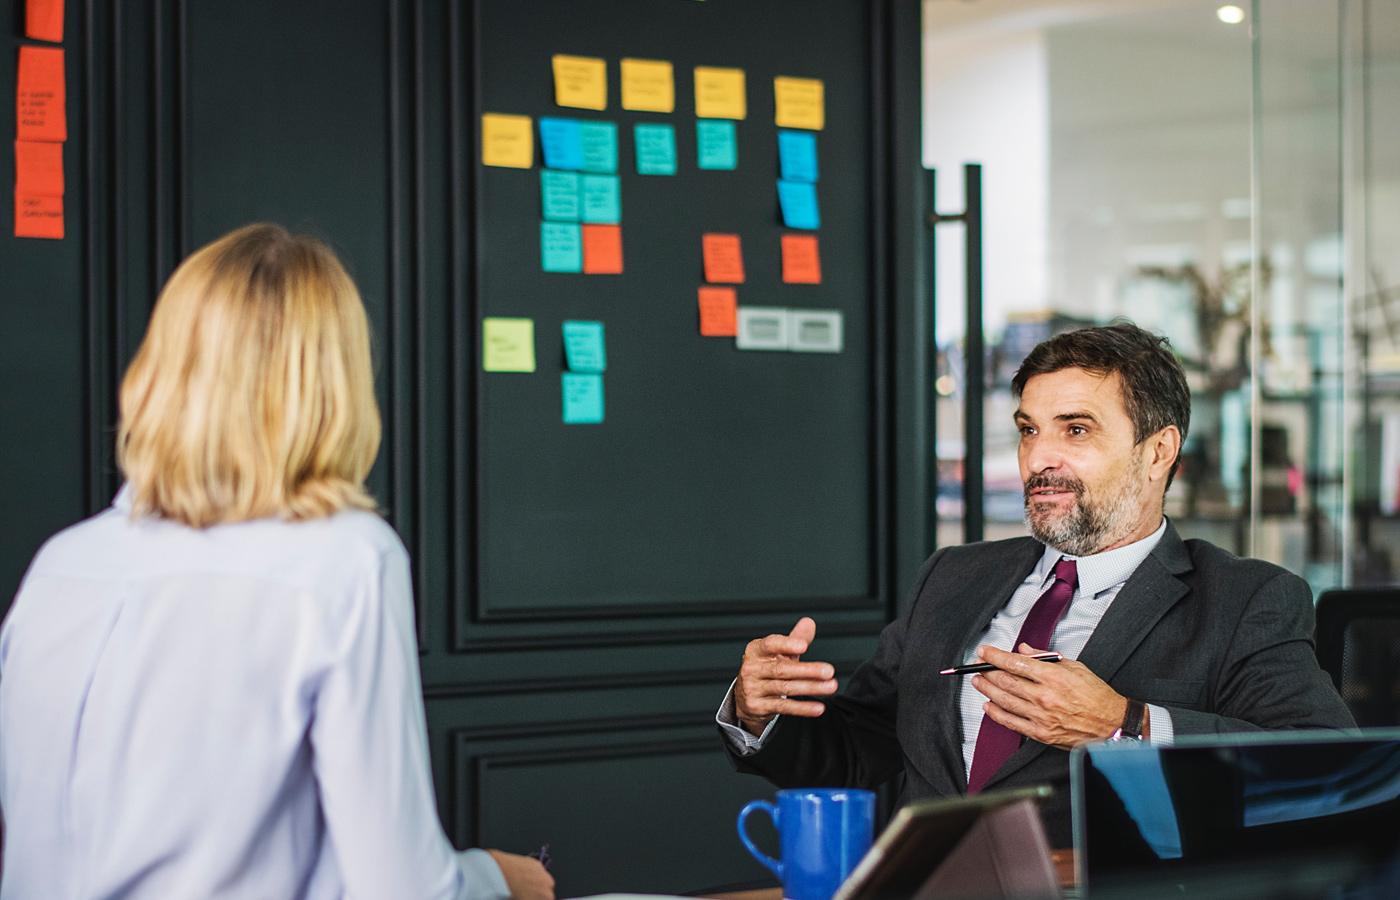 Результативная встреча. Техники управления клиентом